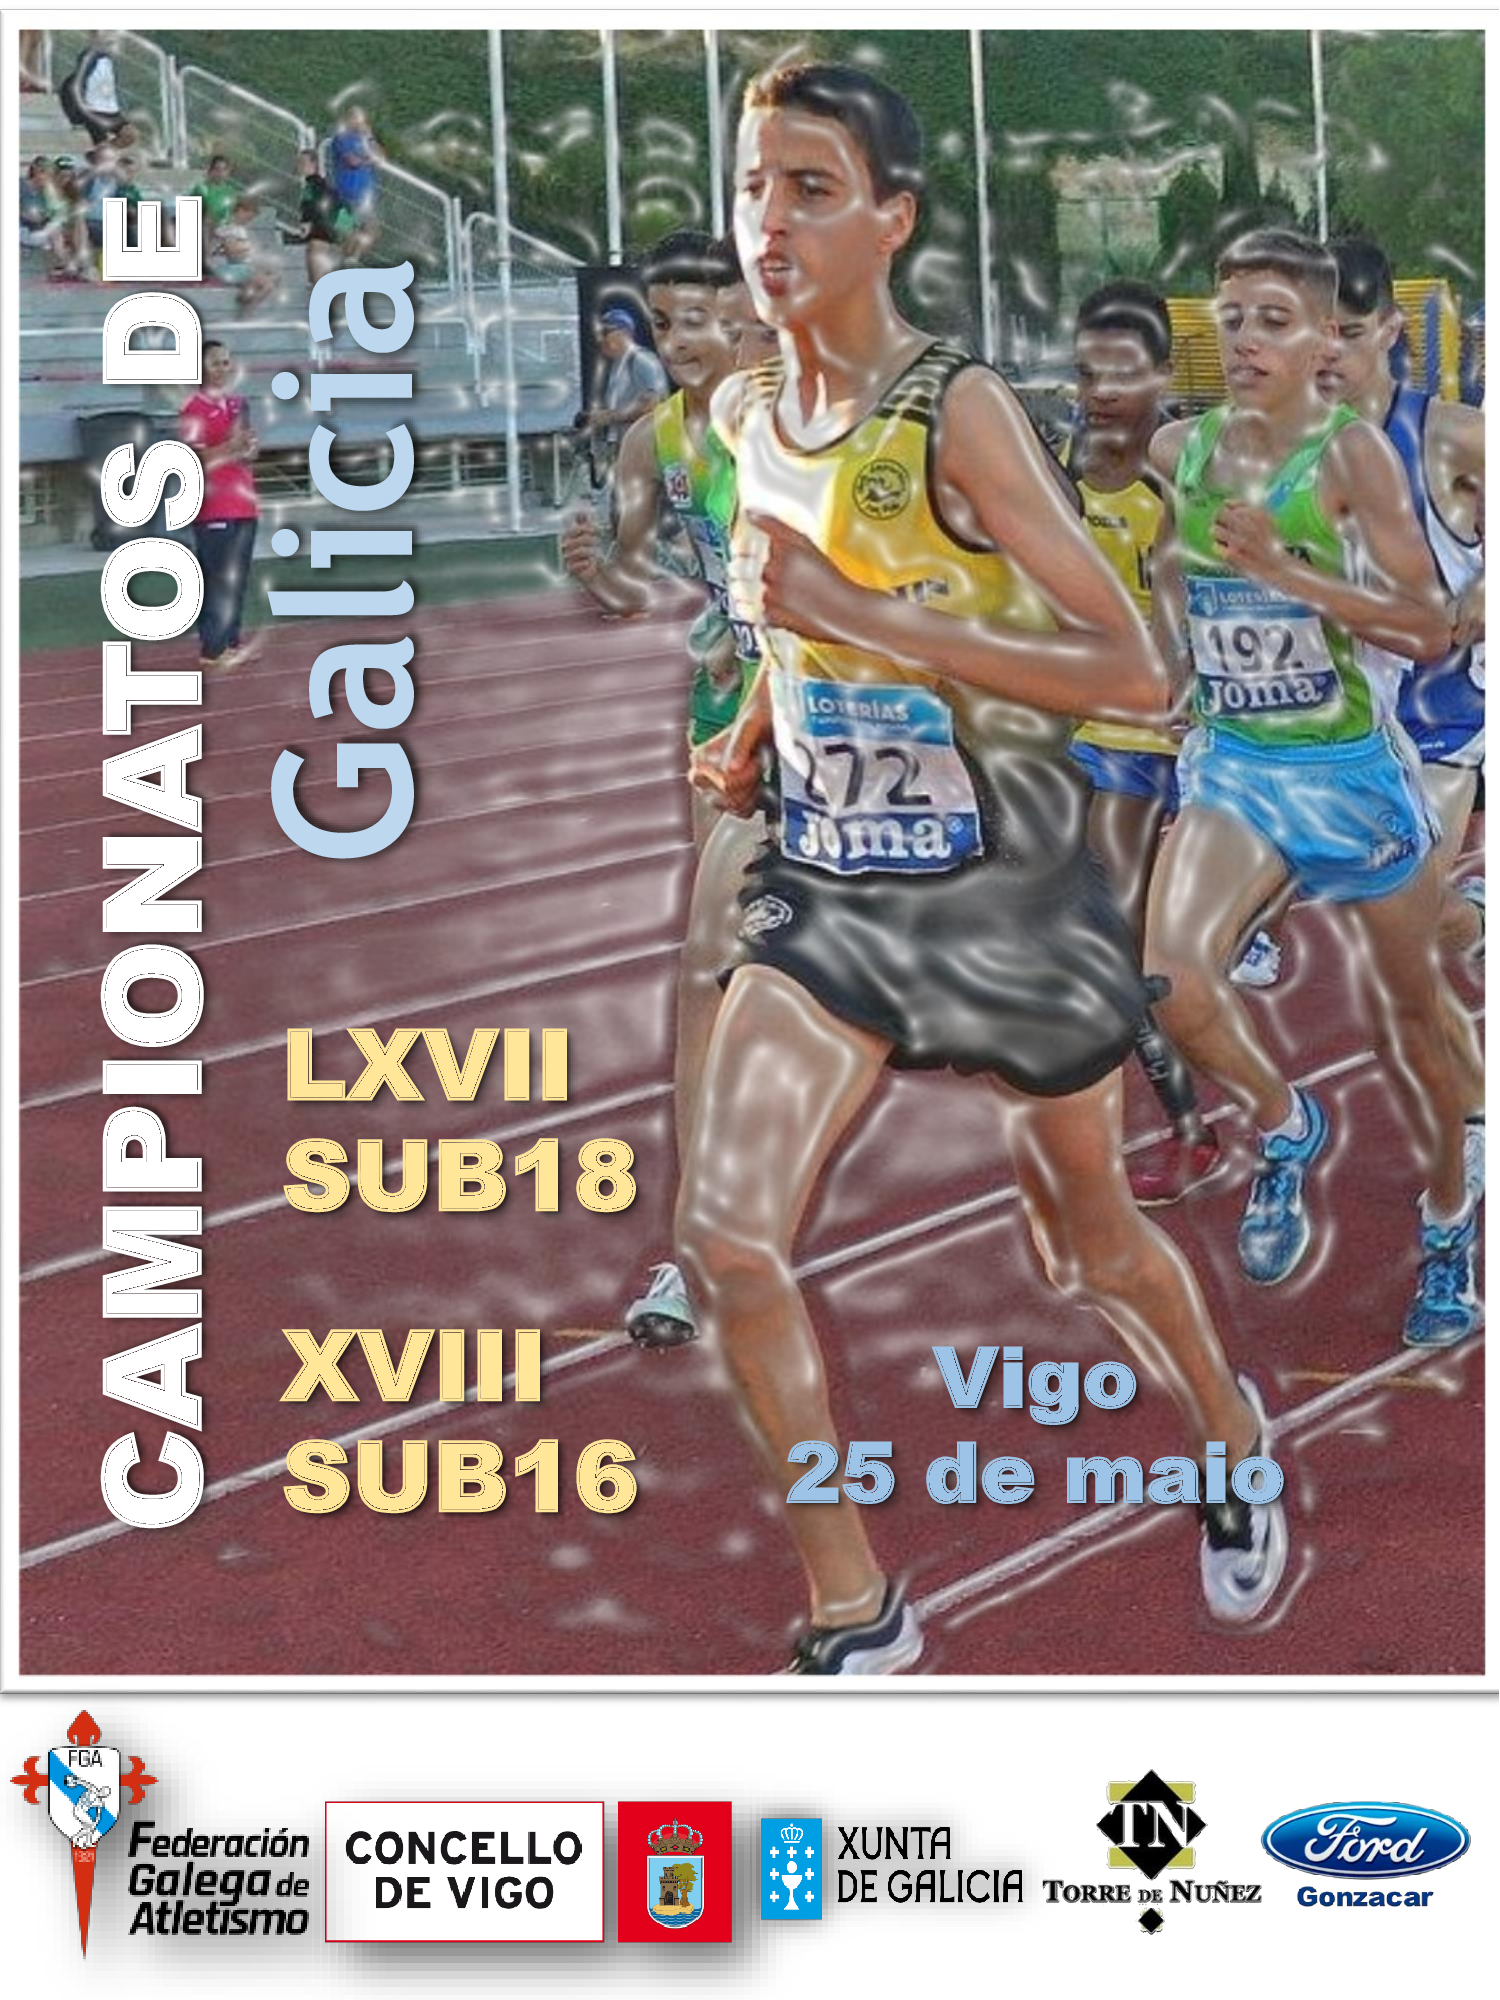 LXVII Campionato de Galicia Sub18 – XVIII Campionato de Galicia Sub16 en Pista ao Aire Libre